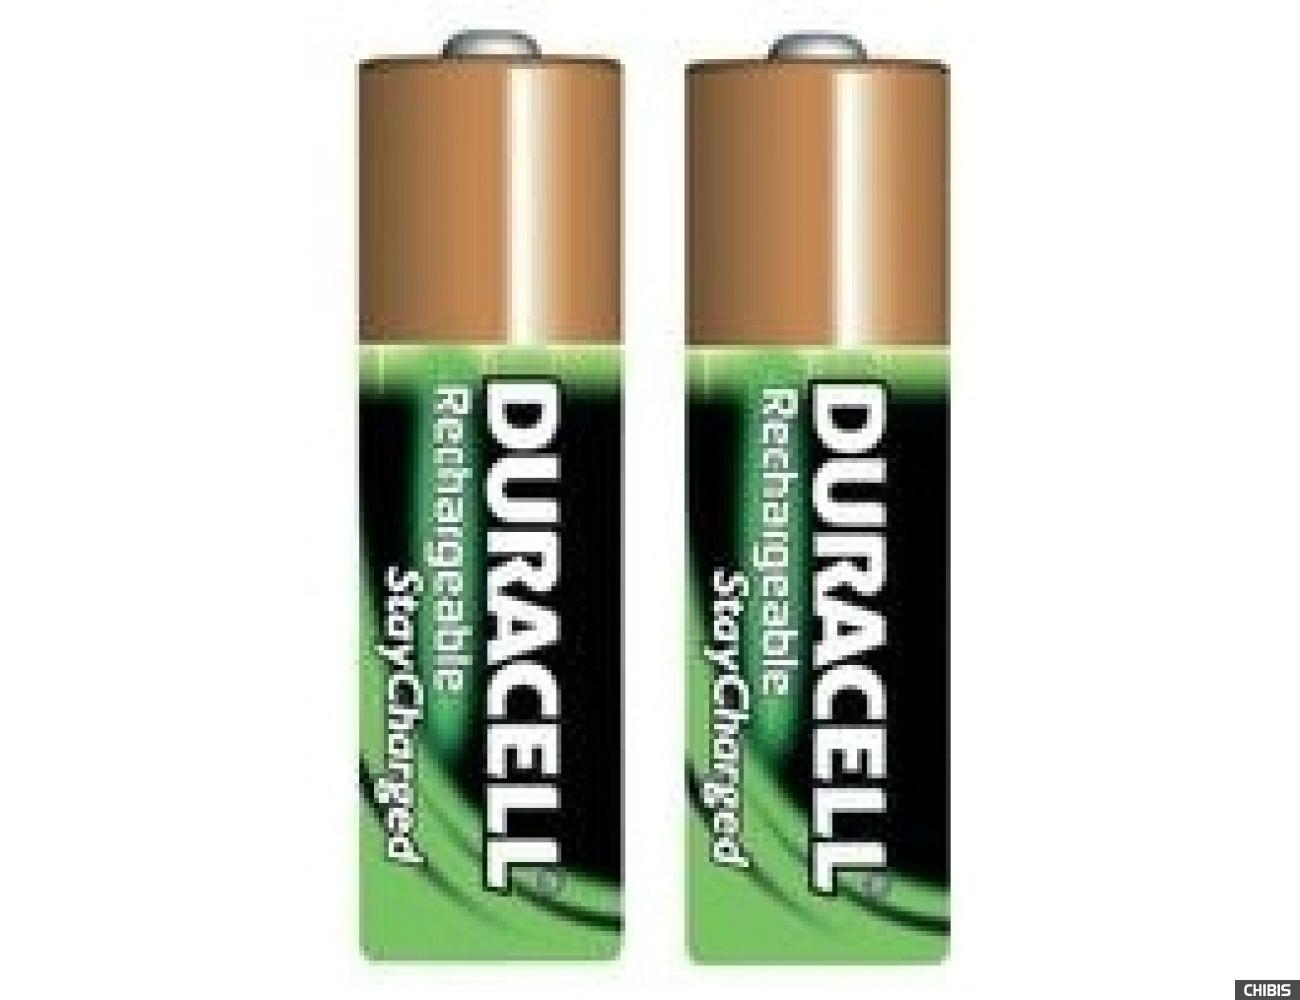 Аккумуляторные батарейки АА Duracell 1950 mAh (HR6, Ni-Mh, 1.2V) 2/2 шт. 5000394001206